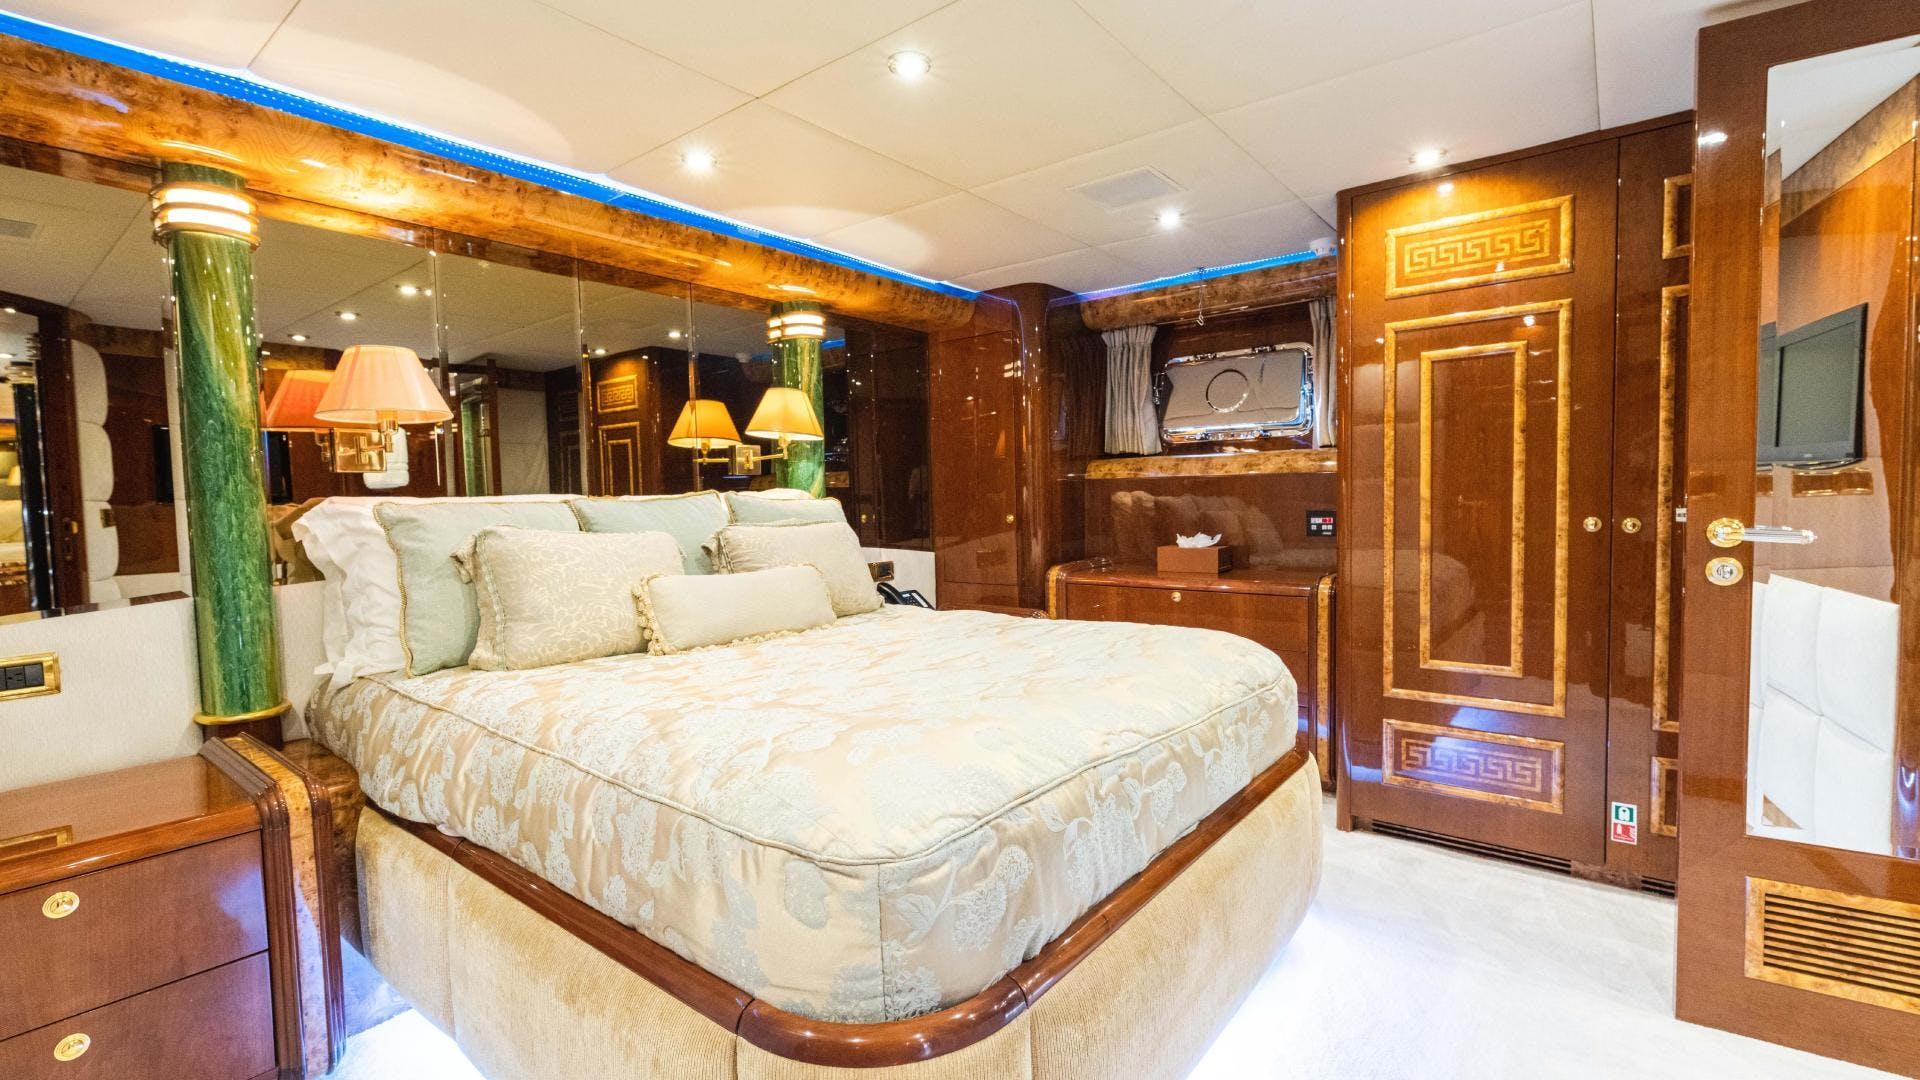 2003 Millennium Super Yachts 118' Raised Pilothouse Arthur's Way | Picture 7 of 54